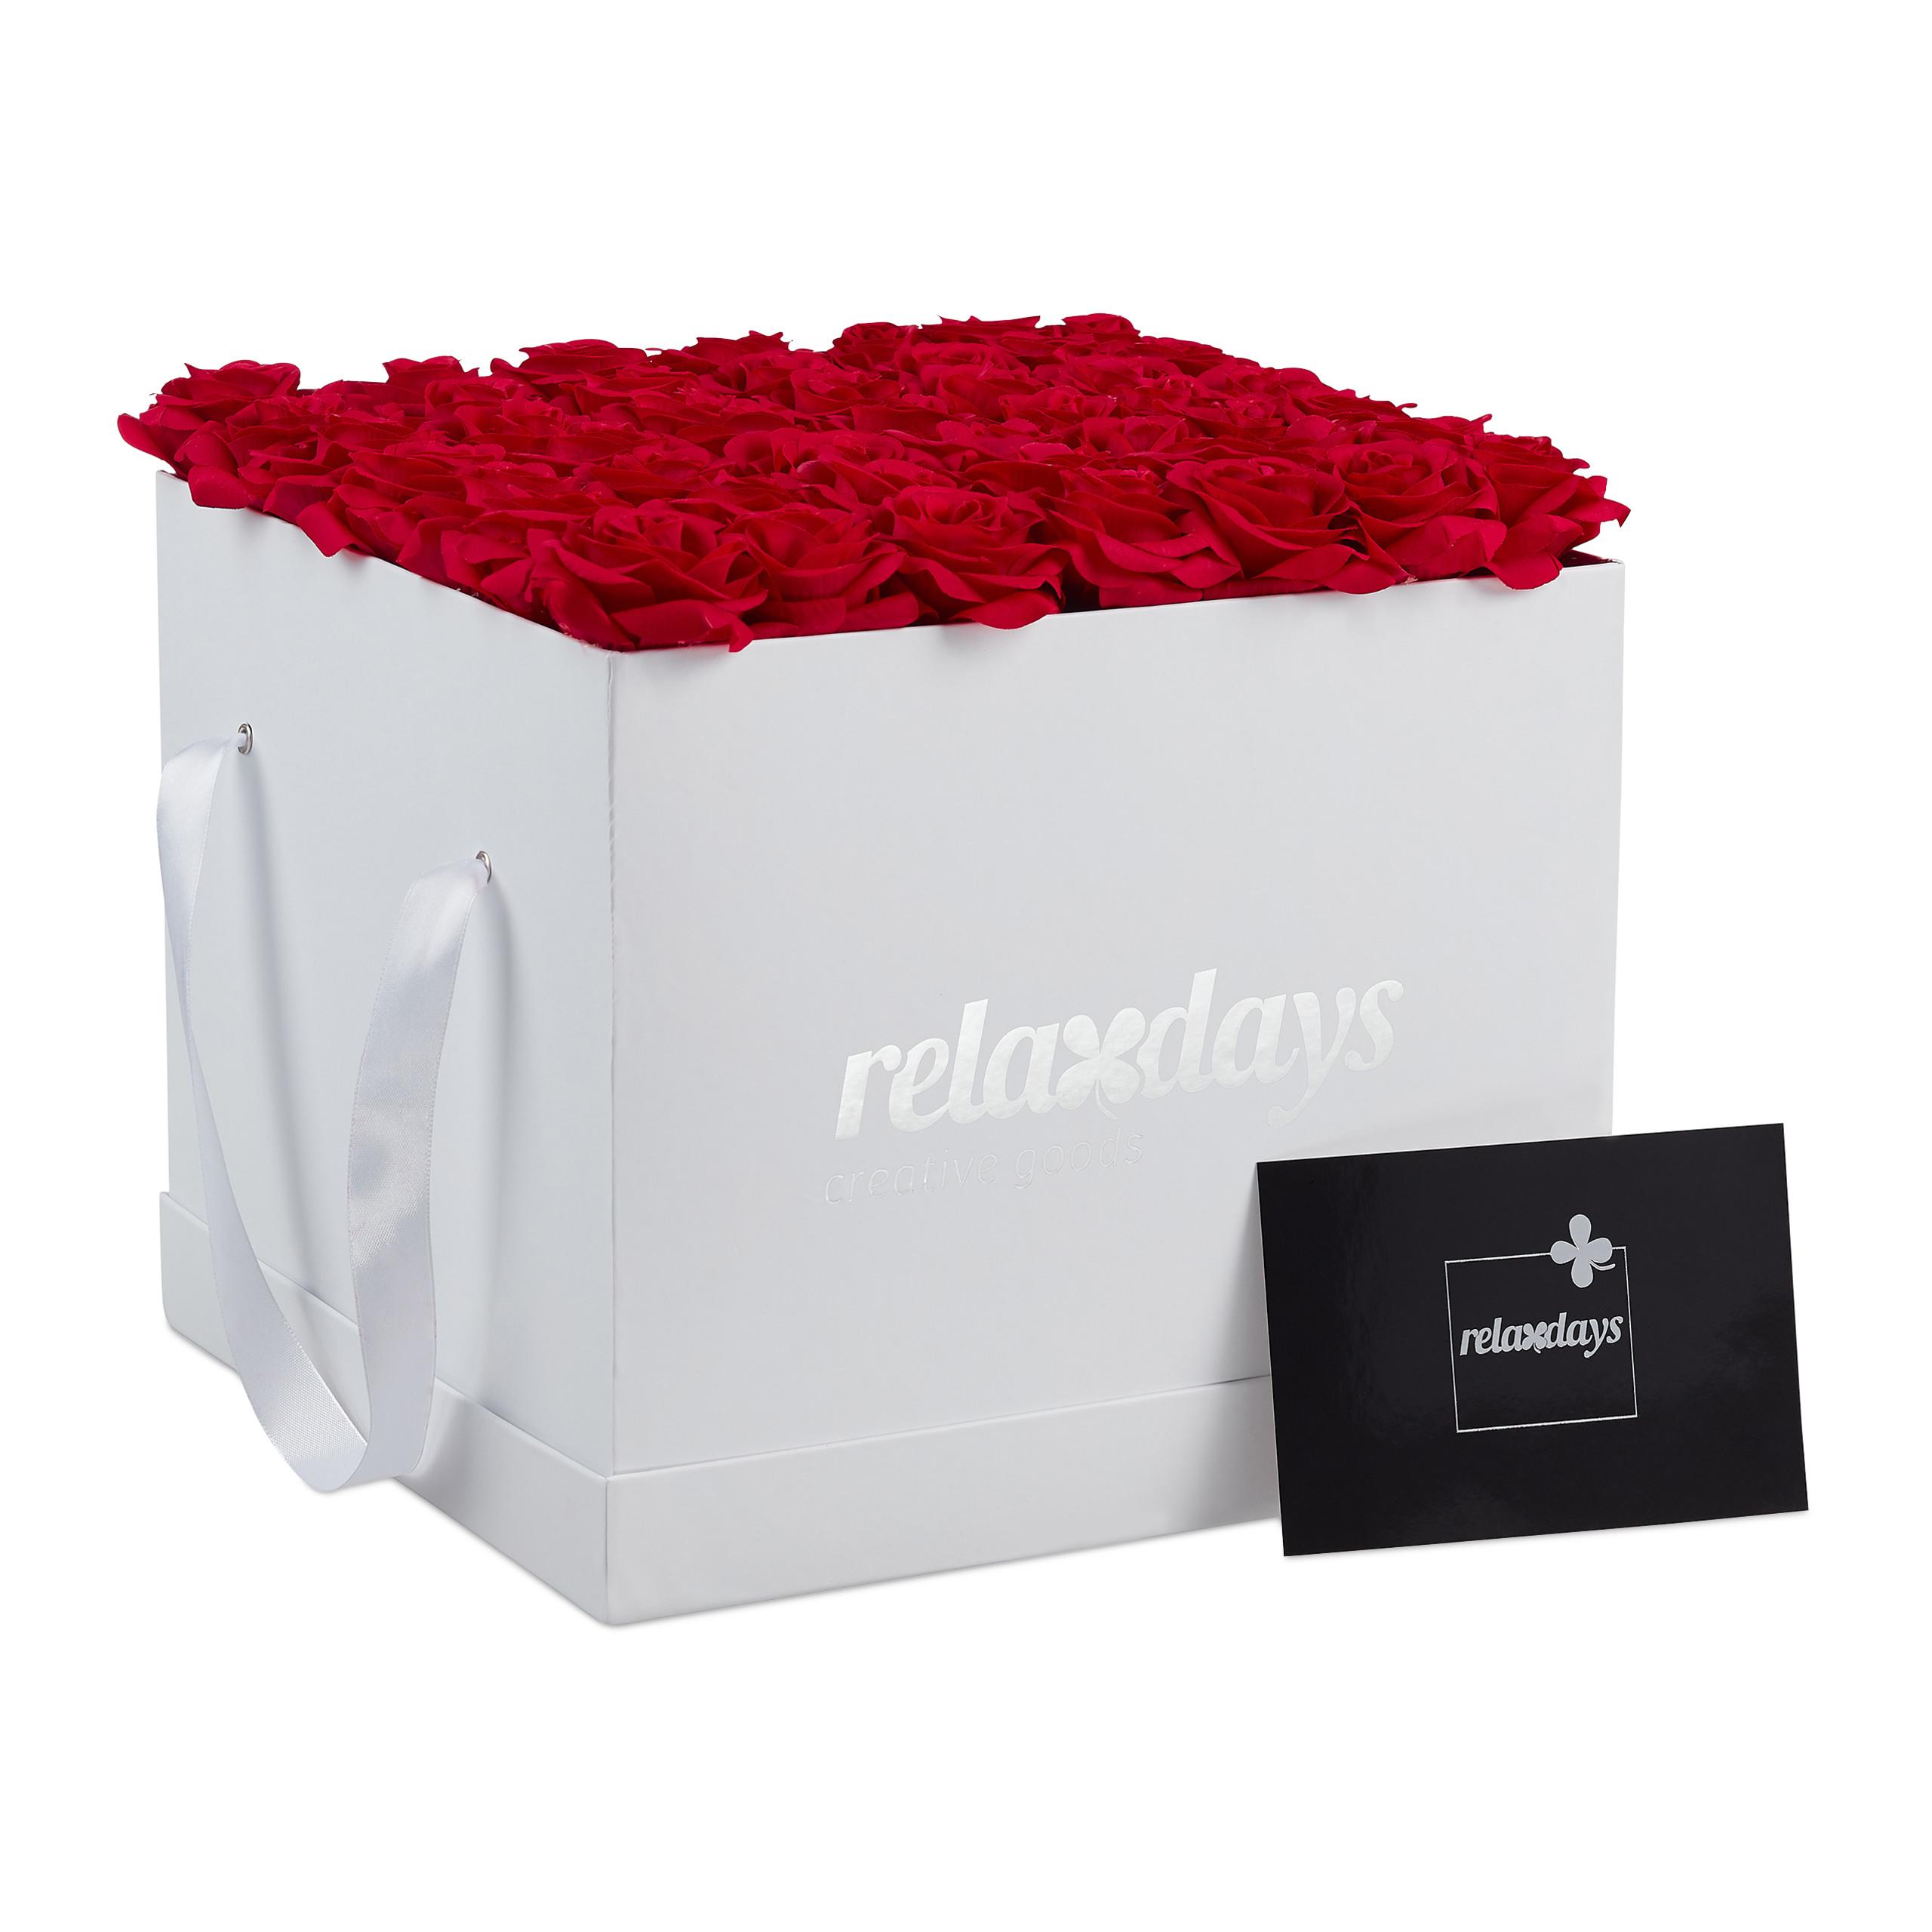 Rosenbox-Flowerbox-49-Kunstblumen-Valentinstag-Blumenbox-Deko-Ewige-Rosen-eckig Indexbild 13